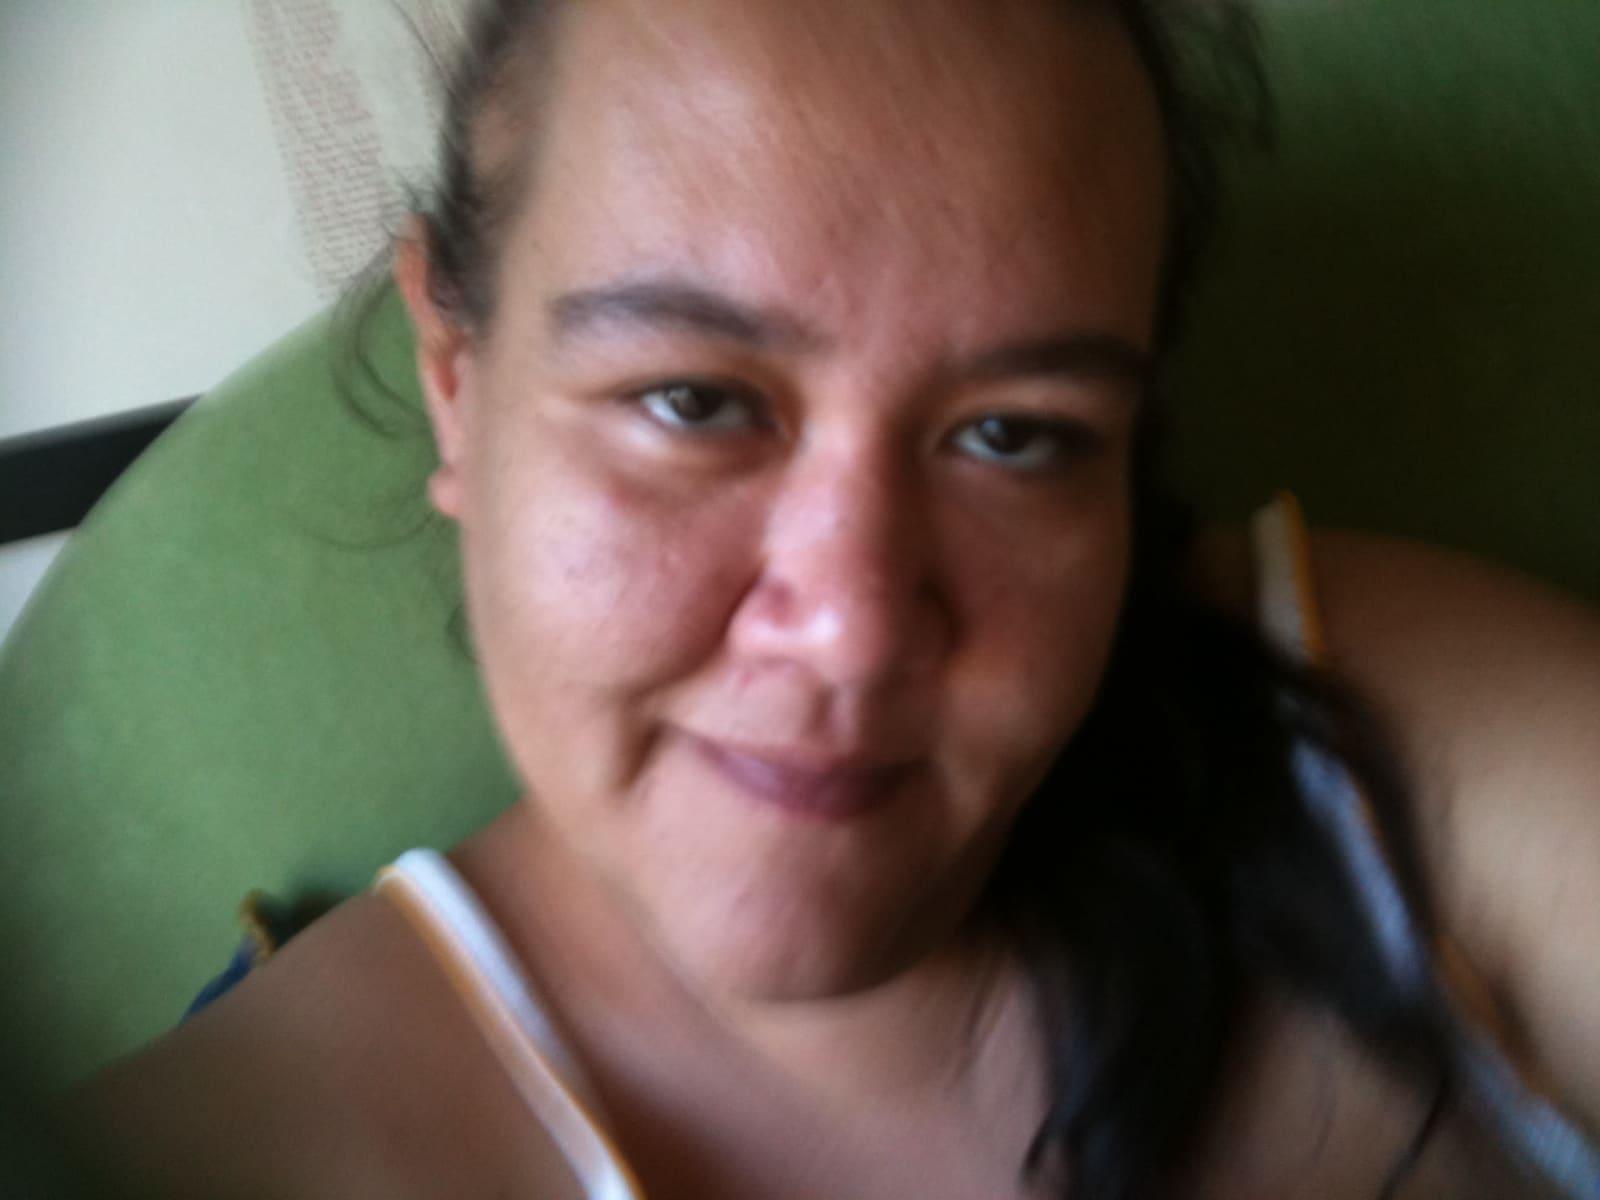 Trish from Brisbane, Queensland, Australia